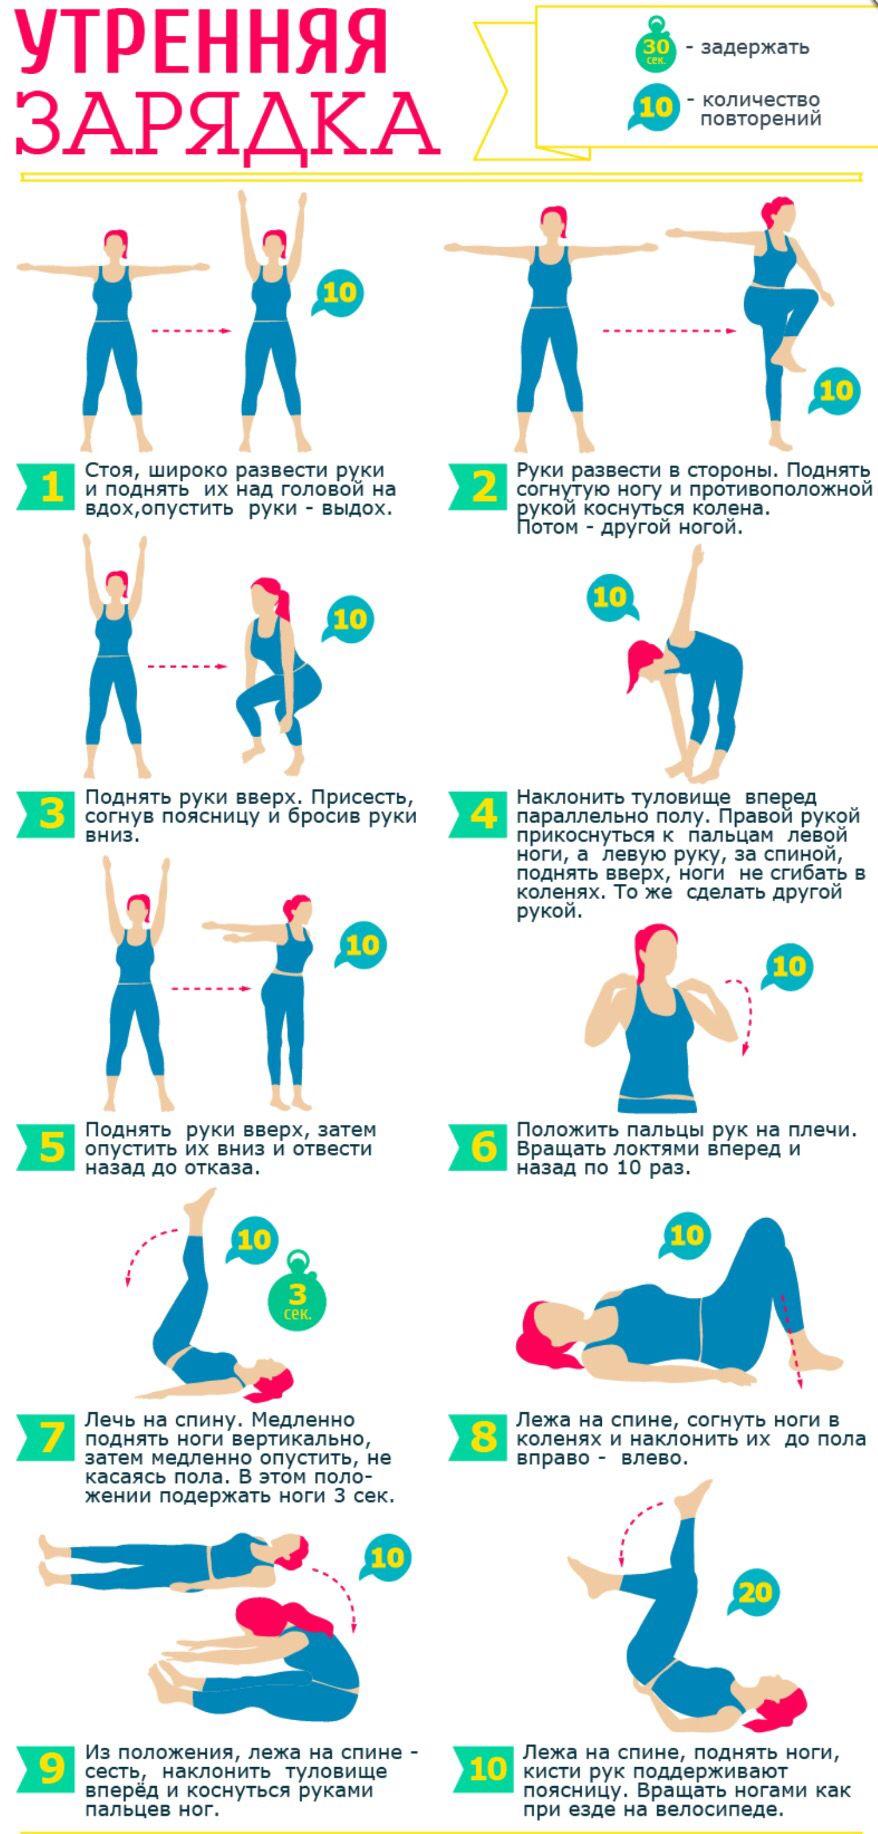 Домашняя Зарядка Для Похудение. Утренняя и вечерняя зарядка для похудения в домашних условиях